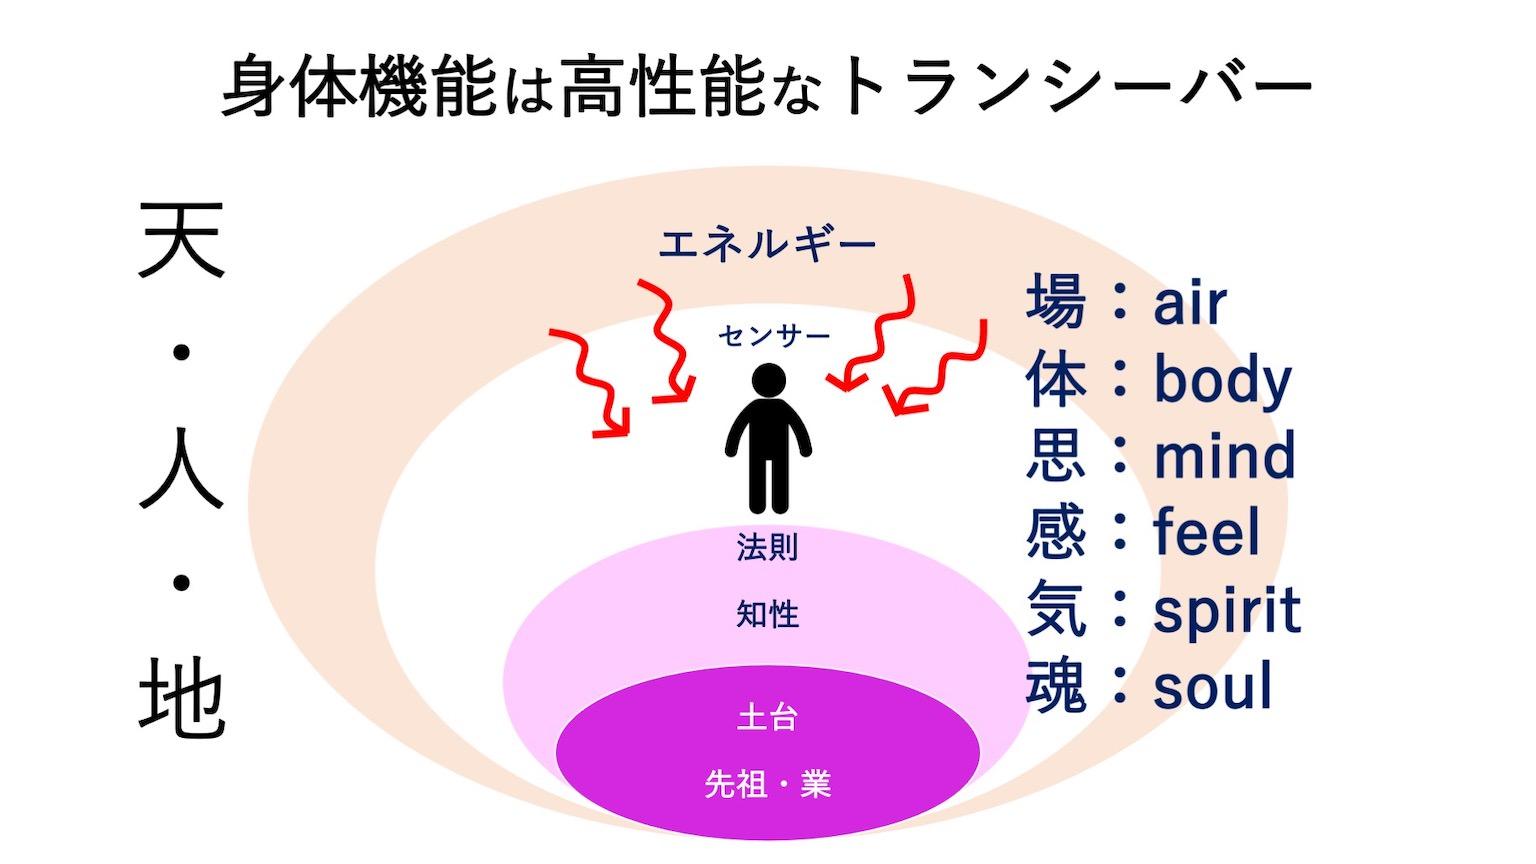 シンボル・ガイダンスマップセミナー案内_図3_身体機能は高性能なトランシーバー